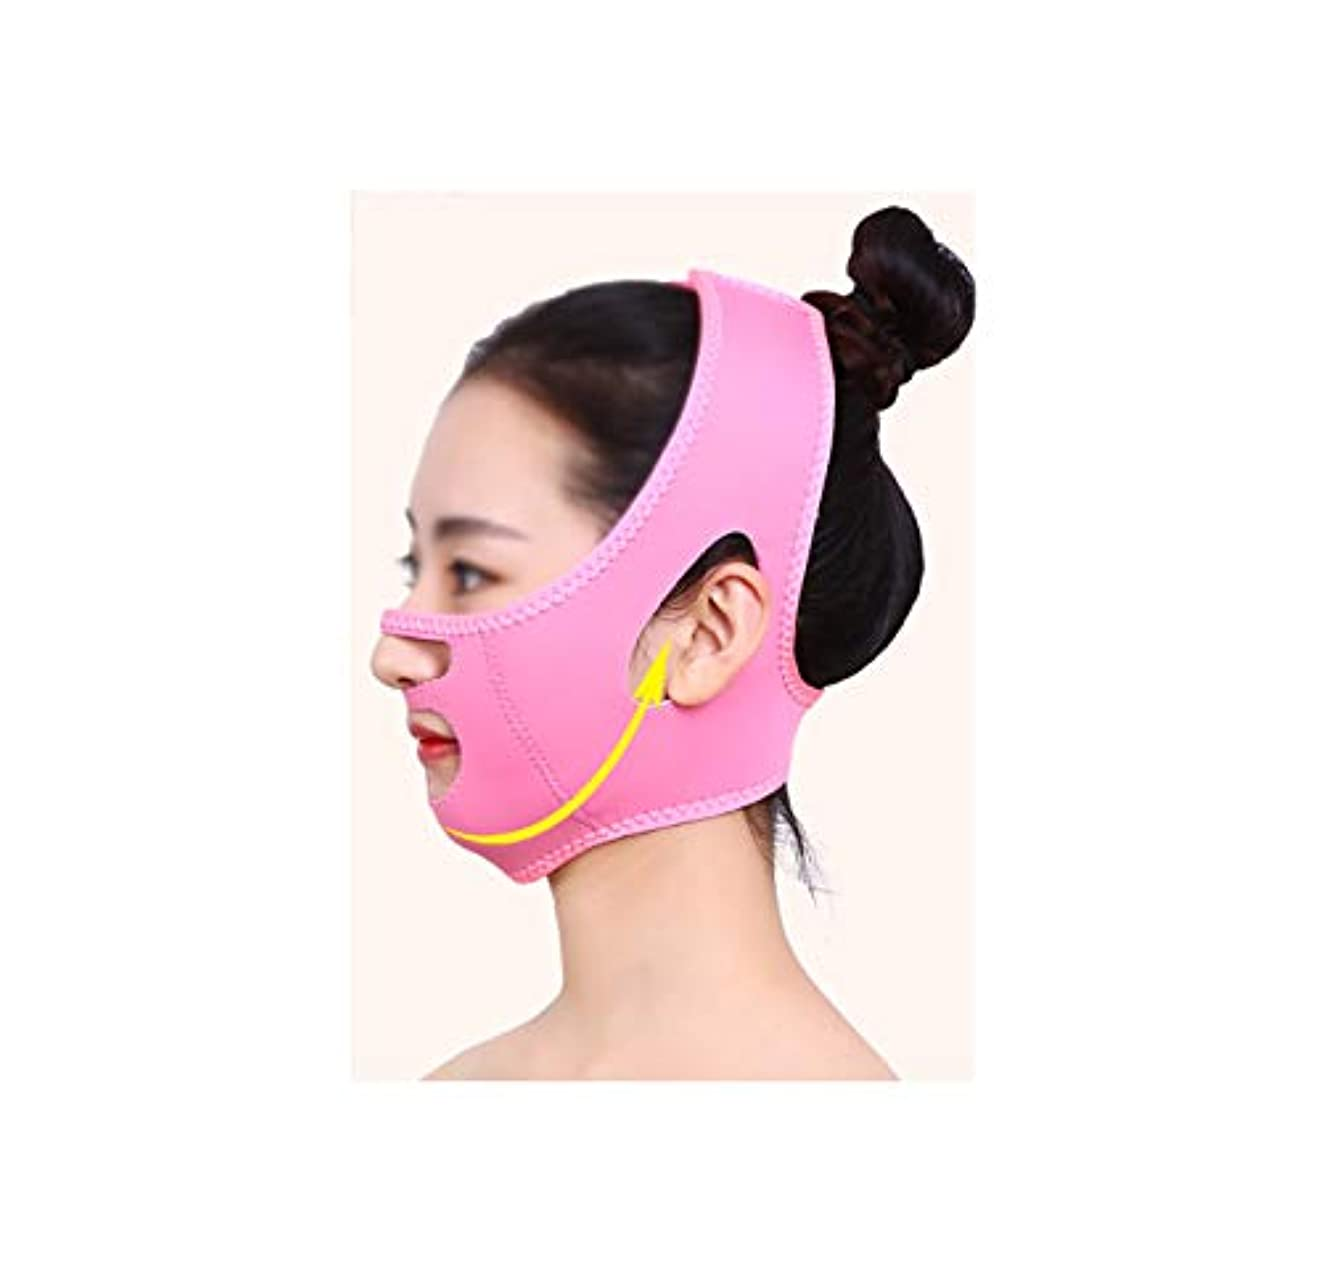 値クレタ不適切なTLMY 薄い顔マスクマスク顔機美容機器ローラー顔薄い顔Vフェイスマスク二重あご包帯アーティファクト 顔用整形マスク